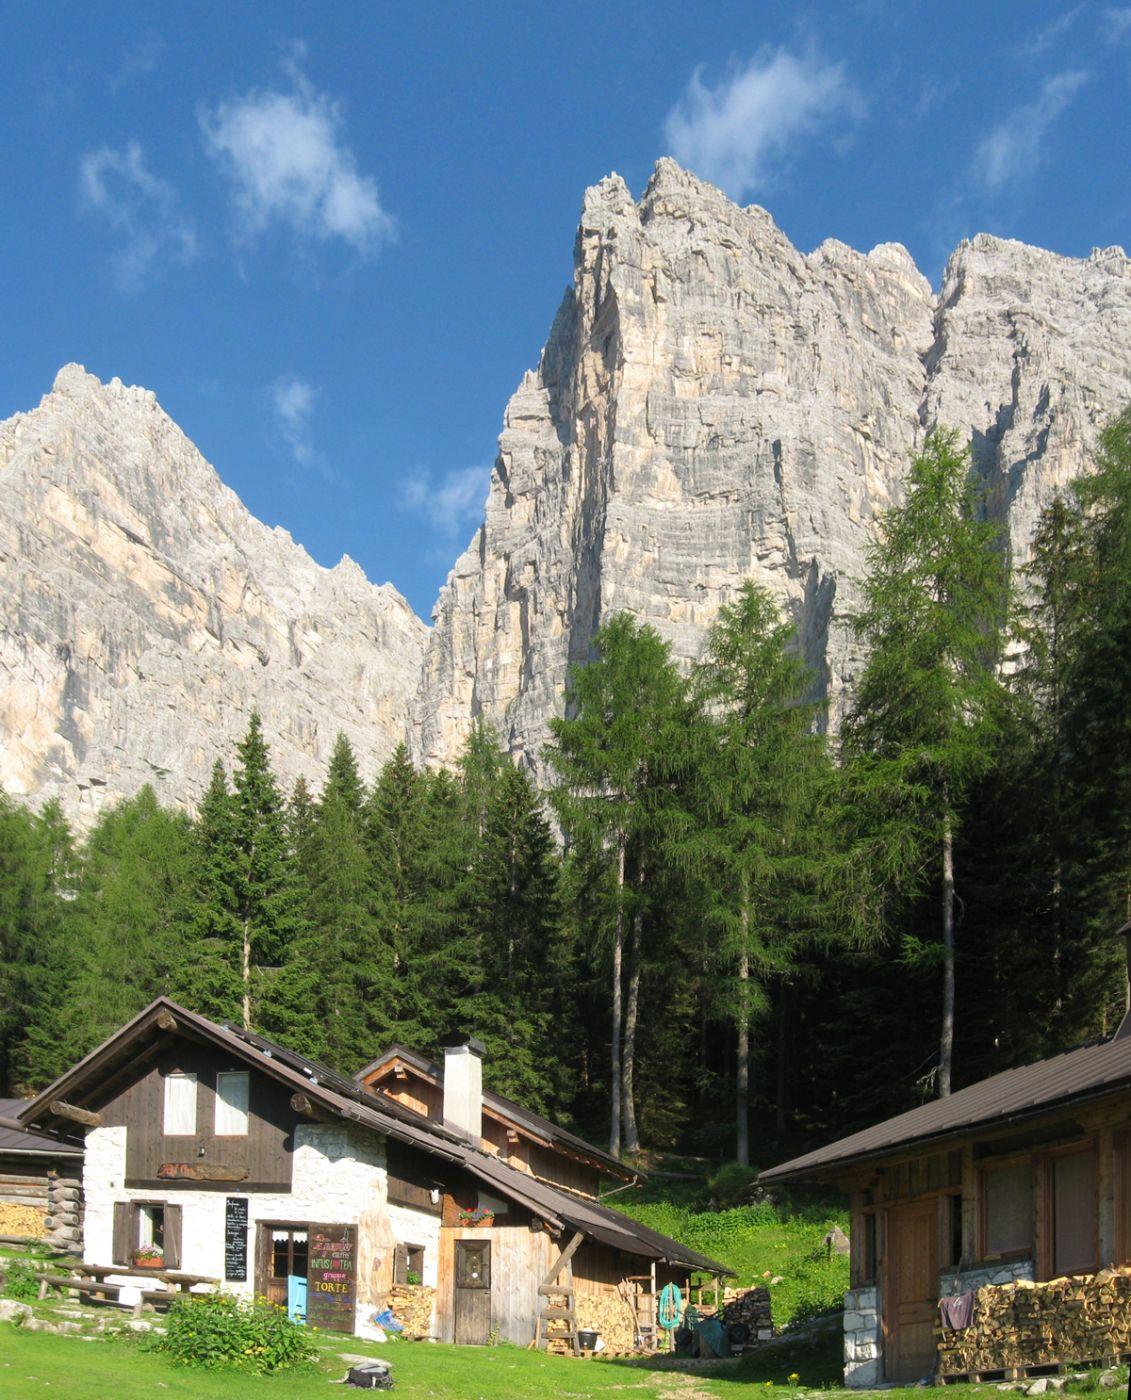 Casera di Bosconero, Italy